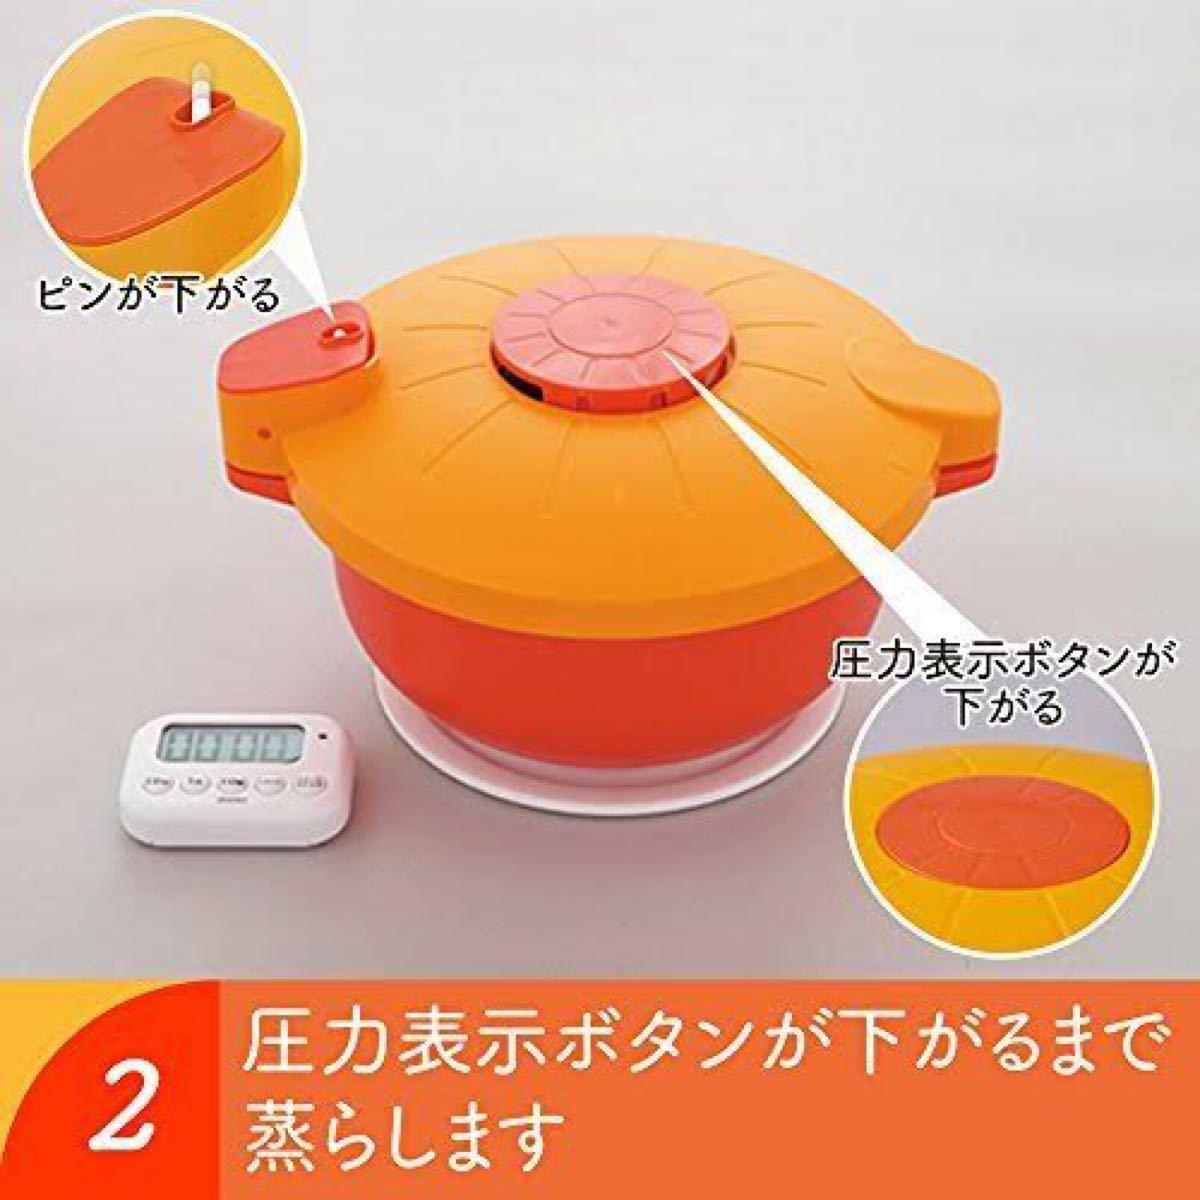 アイリスオーヤマ 電子レンジ 圧力鍋 電子レンジ圧力鍋